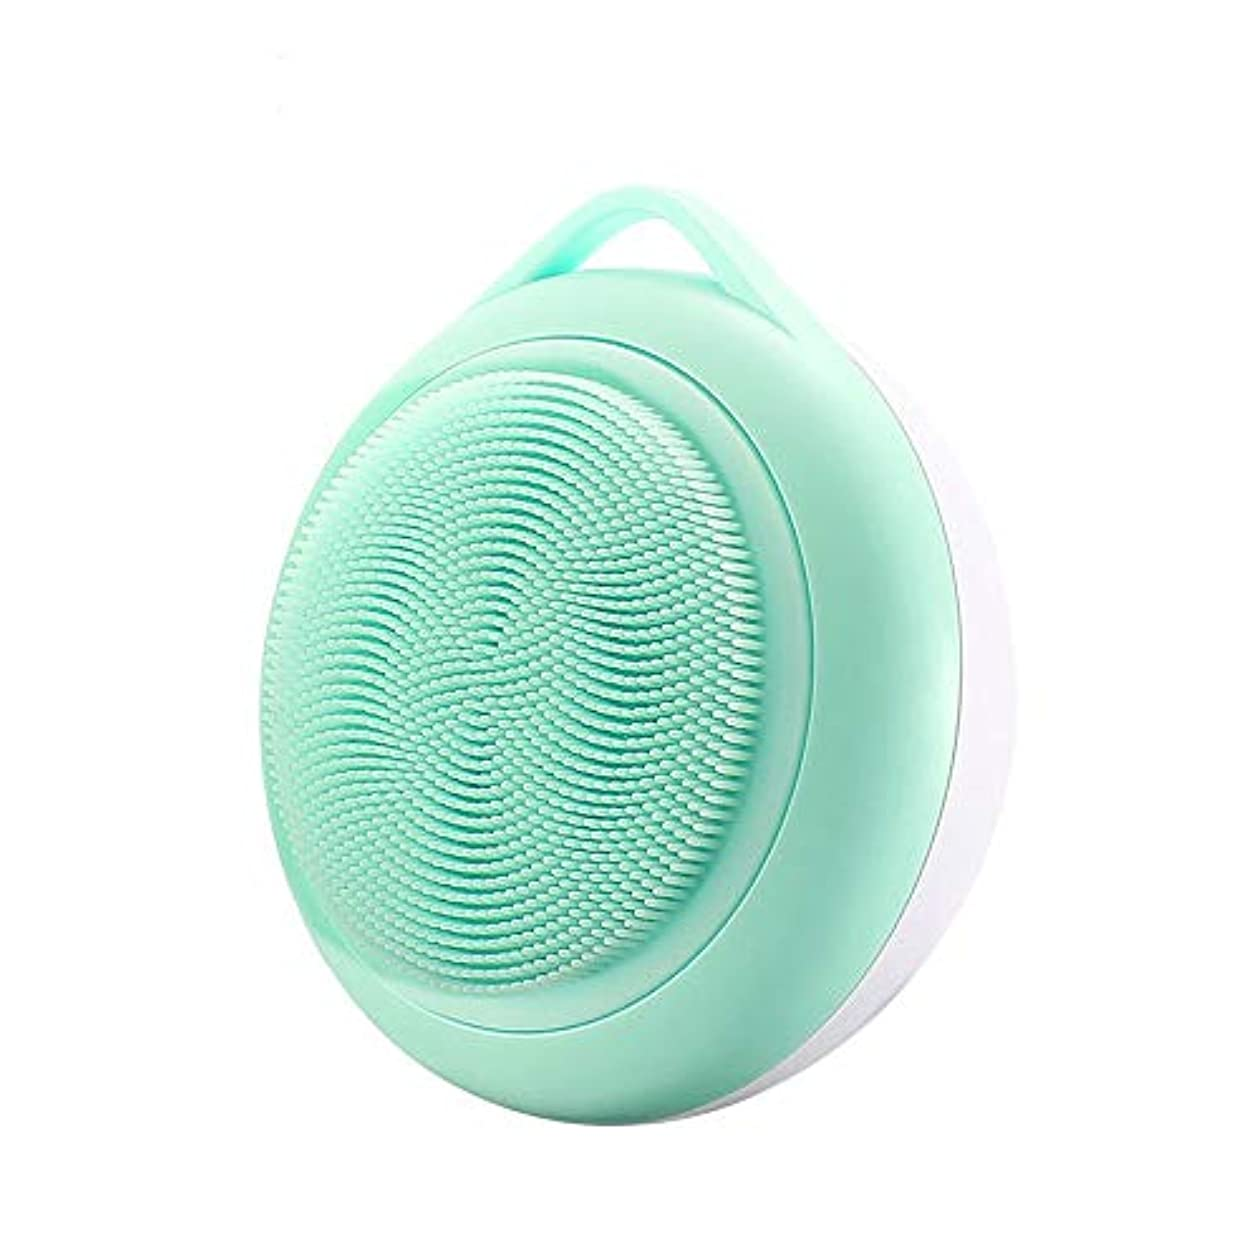 ドーム実現可能性人工的なフェイシャルクレンジングブラシ、シリコンフェイスブラシ、ディープポアクレンジング、にきび防止アンチエイジングスキンケア、フェイシャルマッサージ (Color : Green)